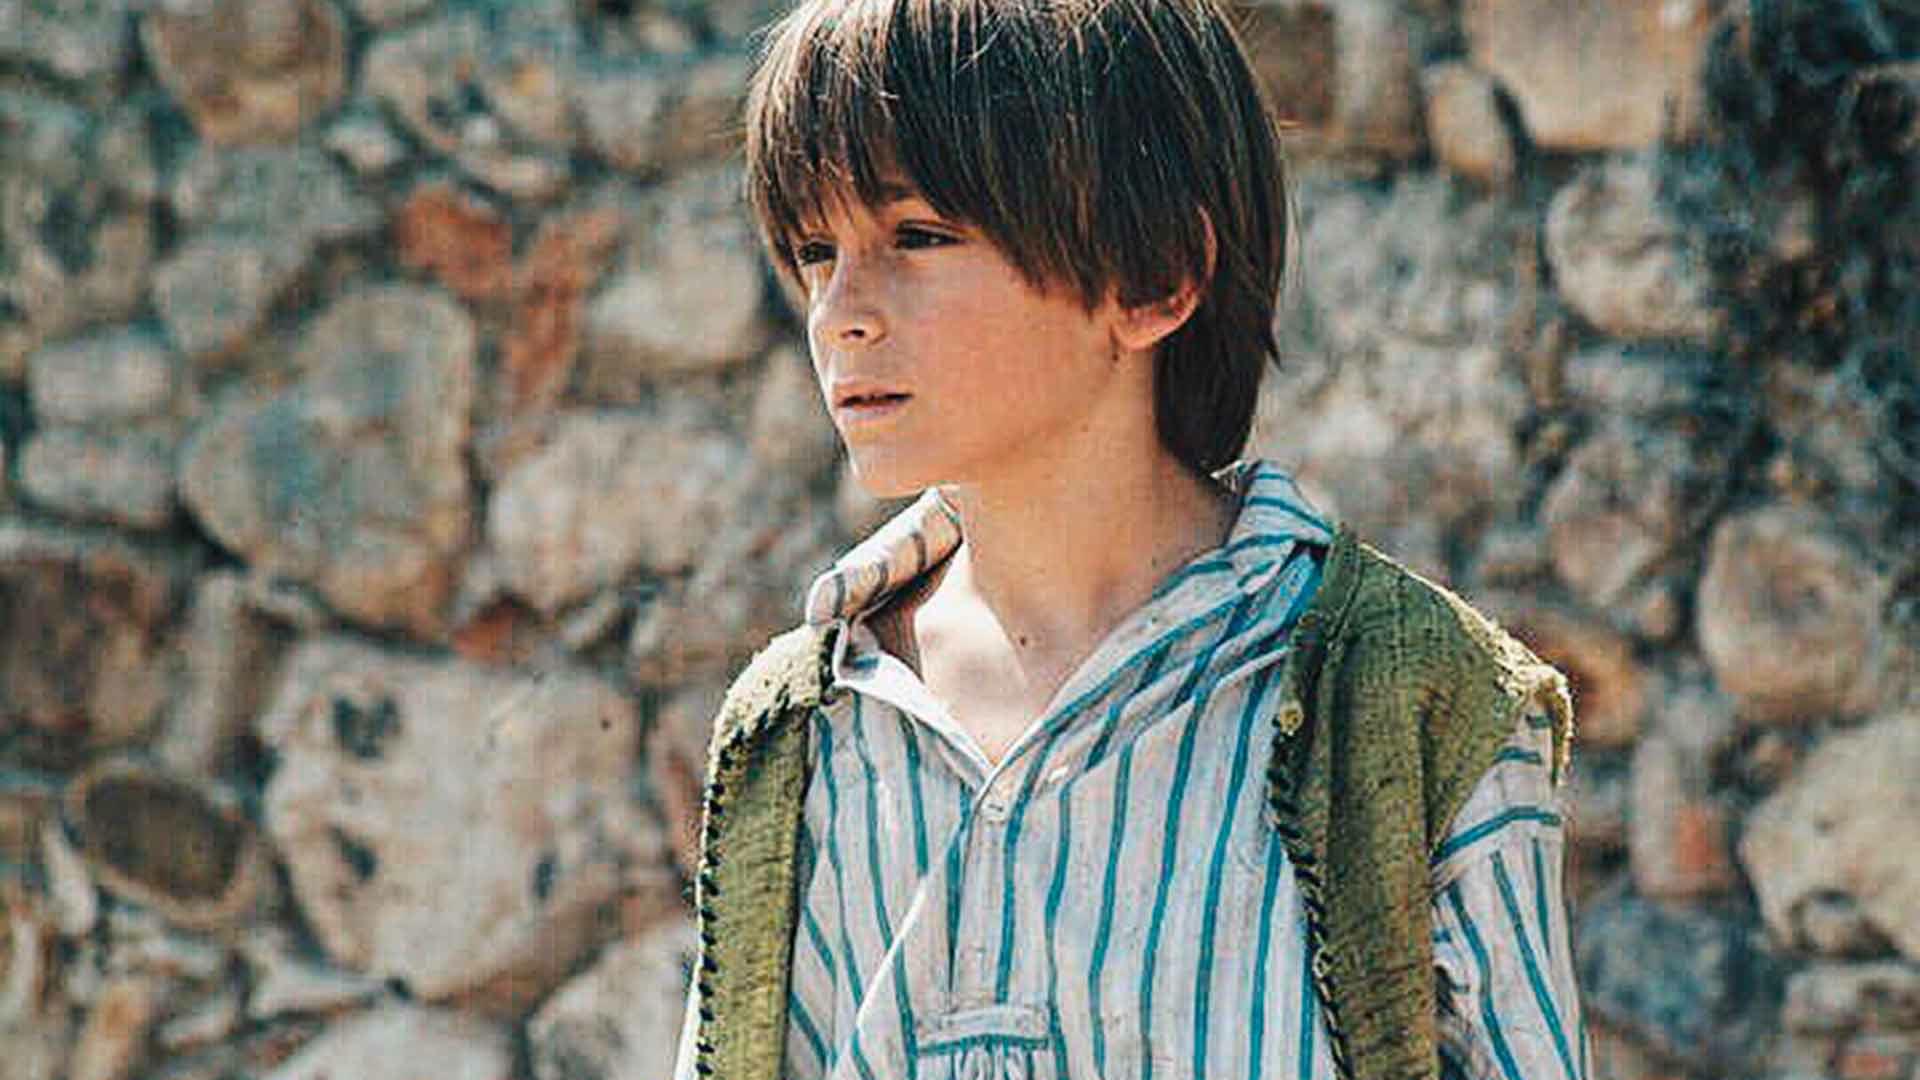 El gran cambio de Guillermo Campra, el niño de 'Águila Roja'